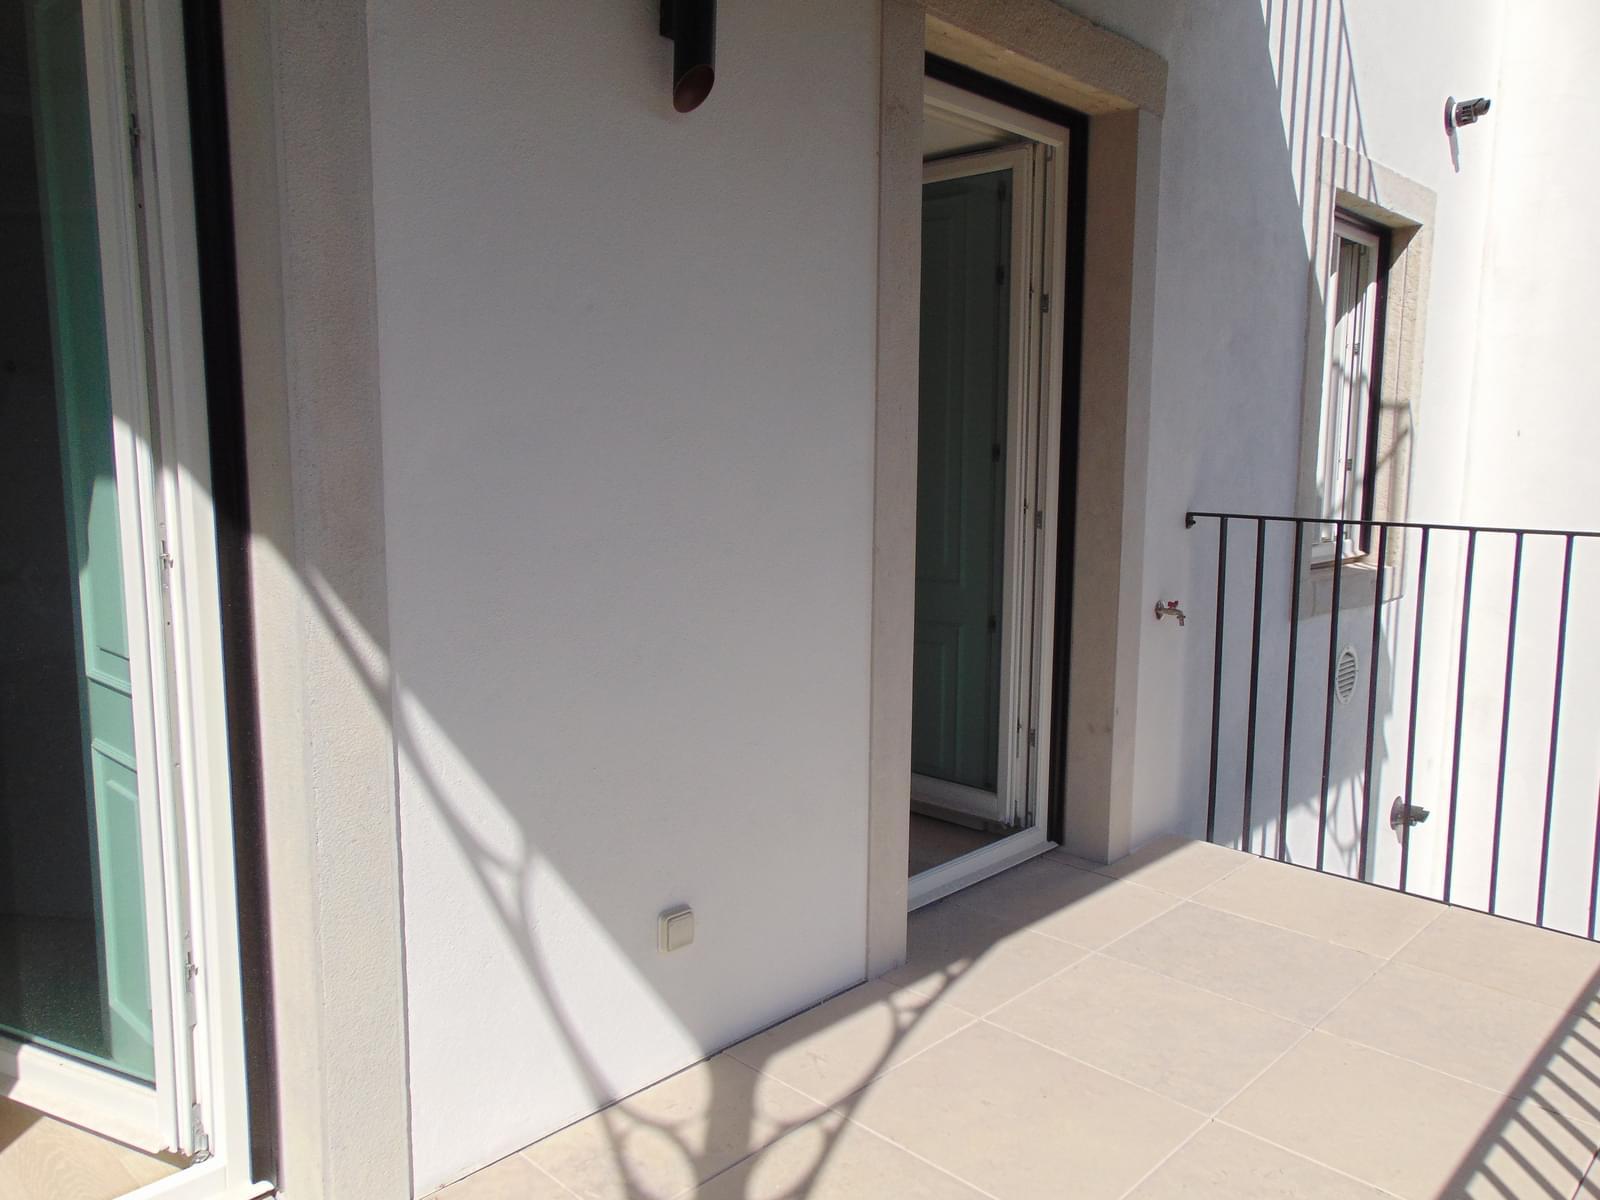 pf18152-apartamento-t2-lisboa-06de946a-9b85-4267-bb91-d7afc68970bb